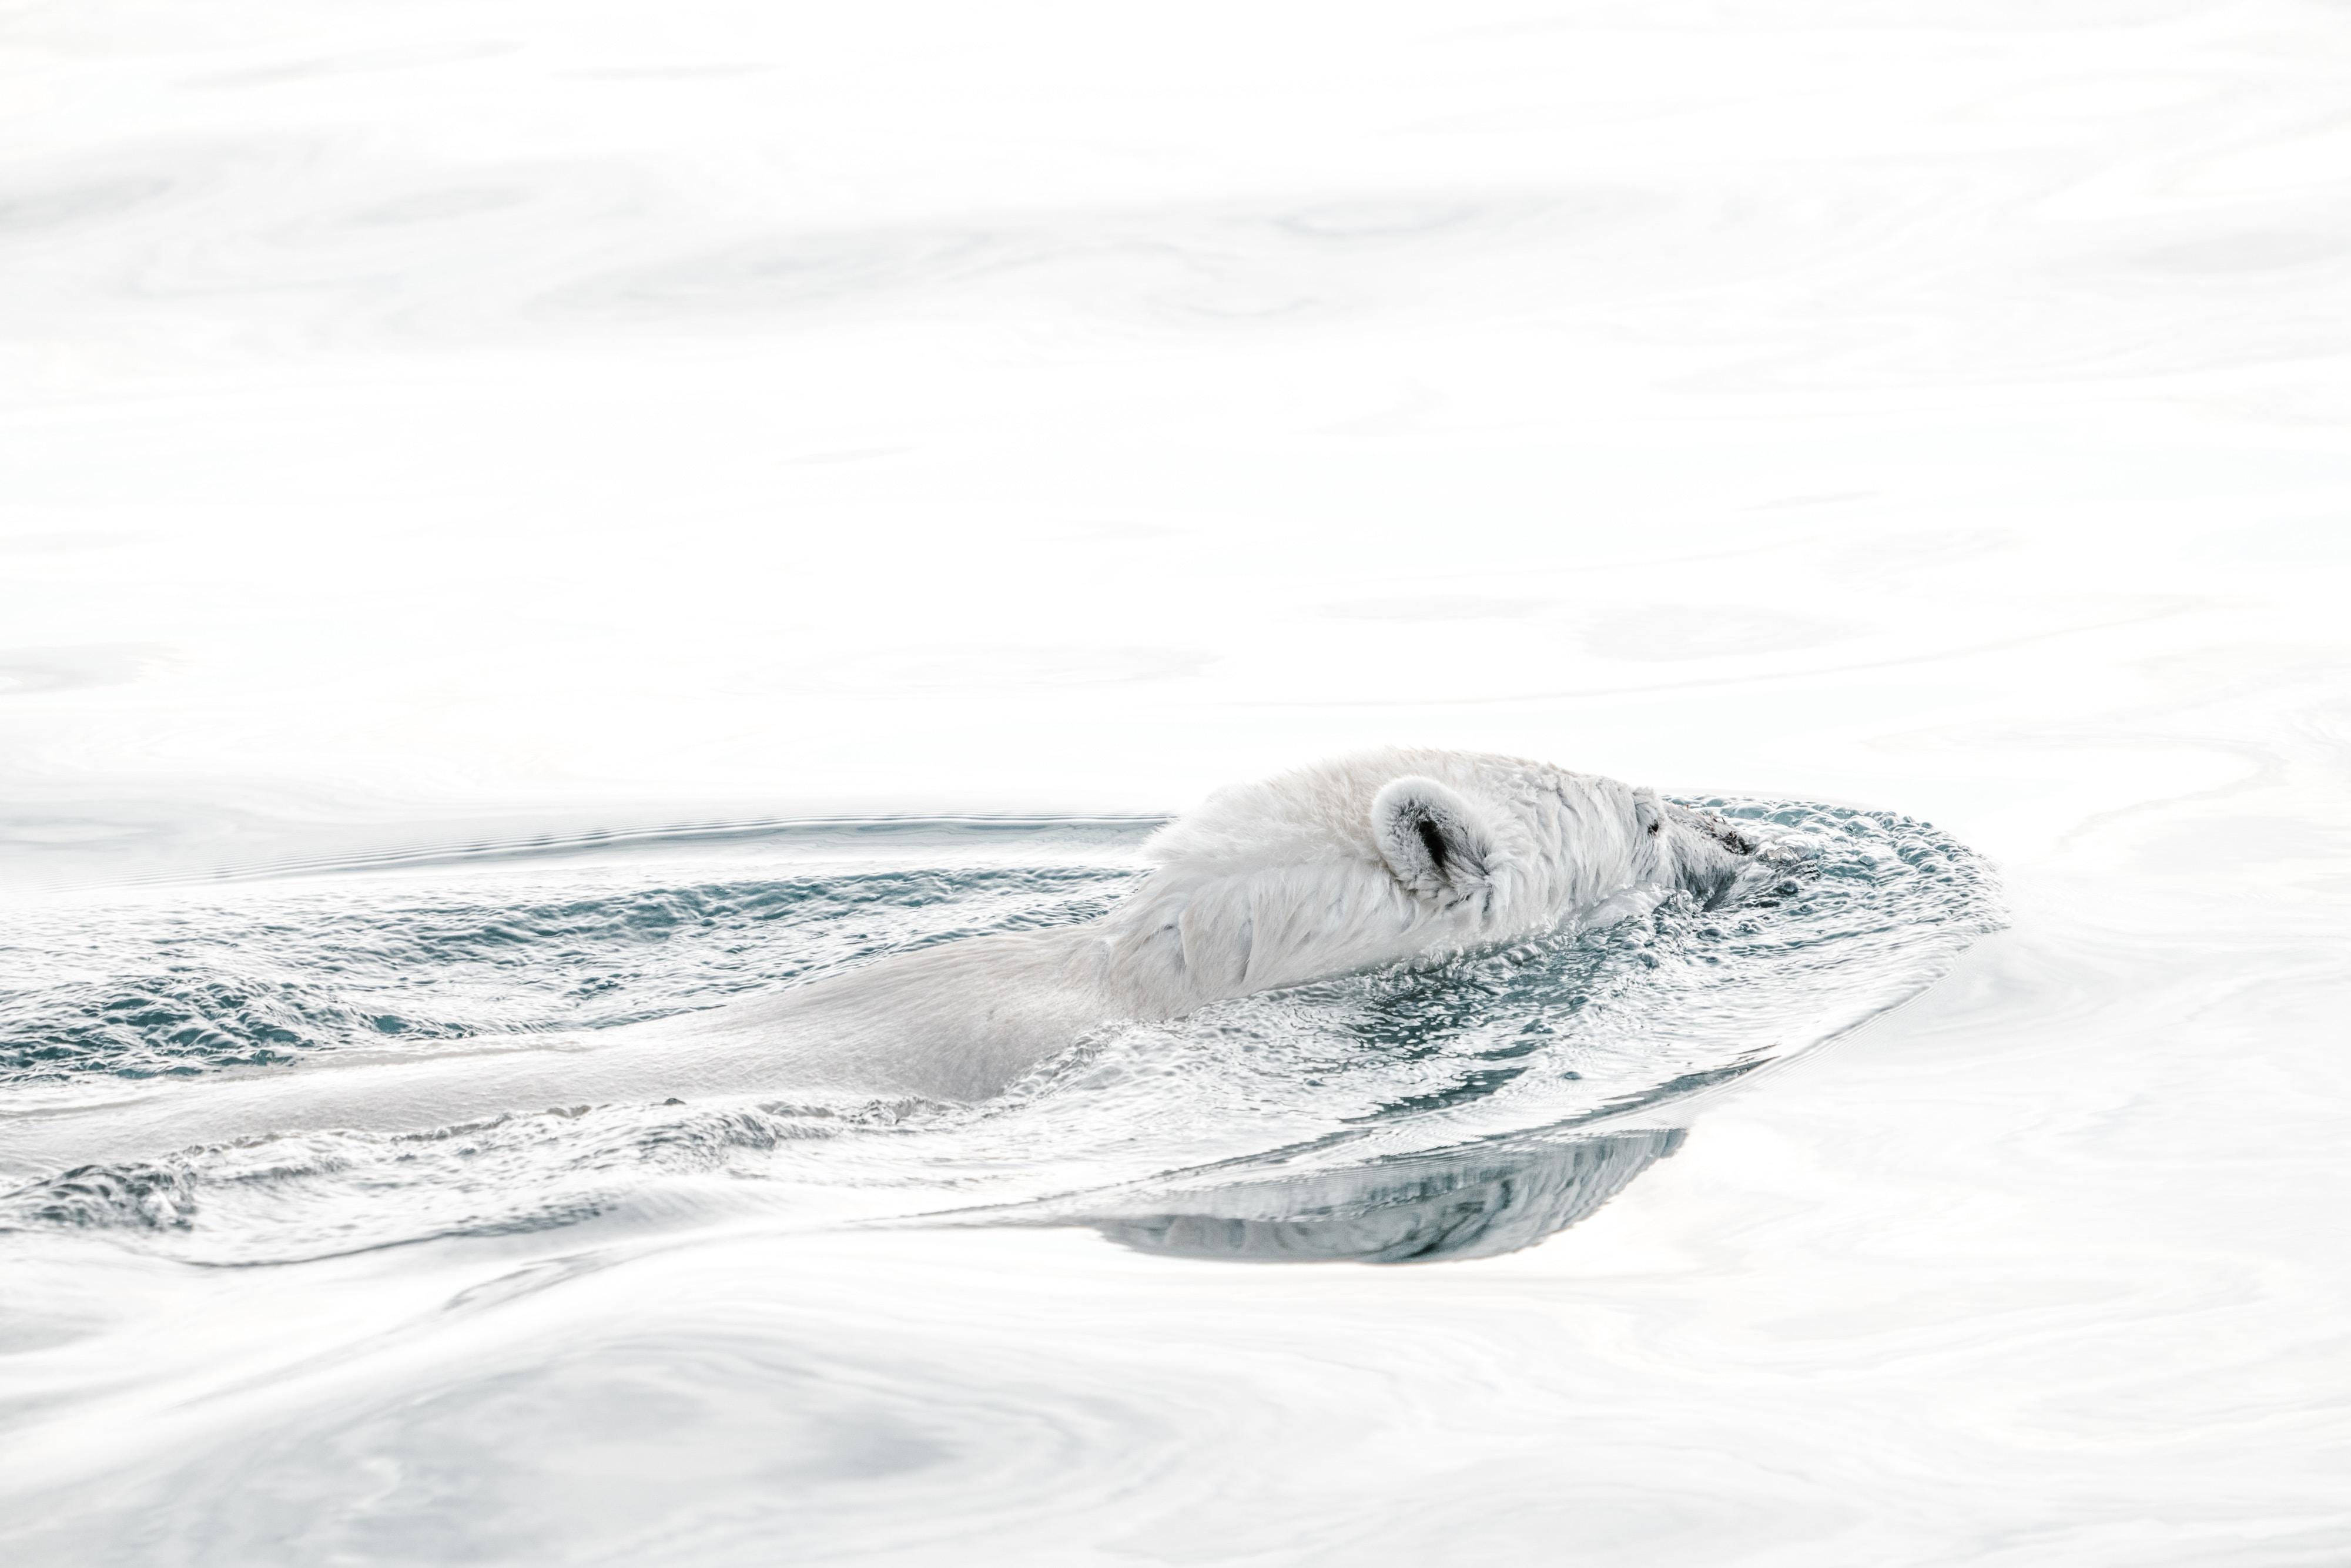 bear in body of water